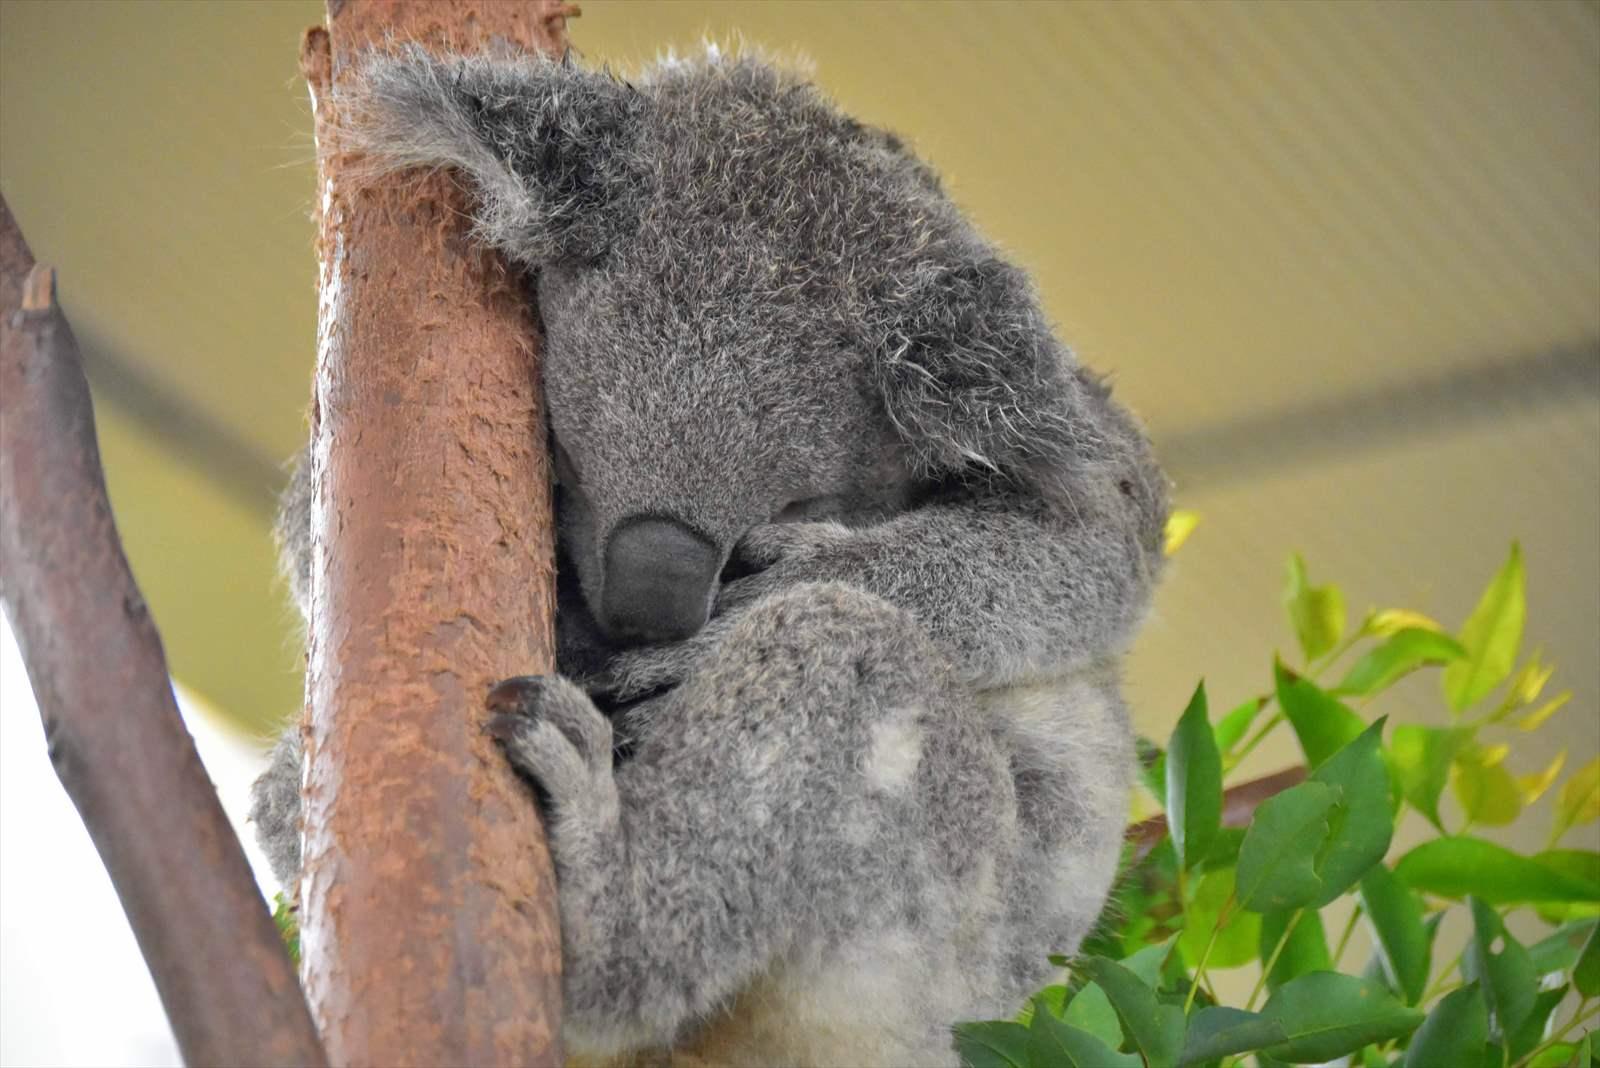 コアラ 募金 オーストラリア